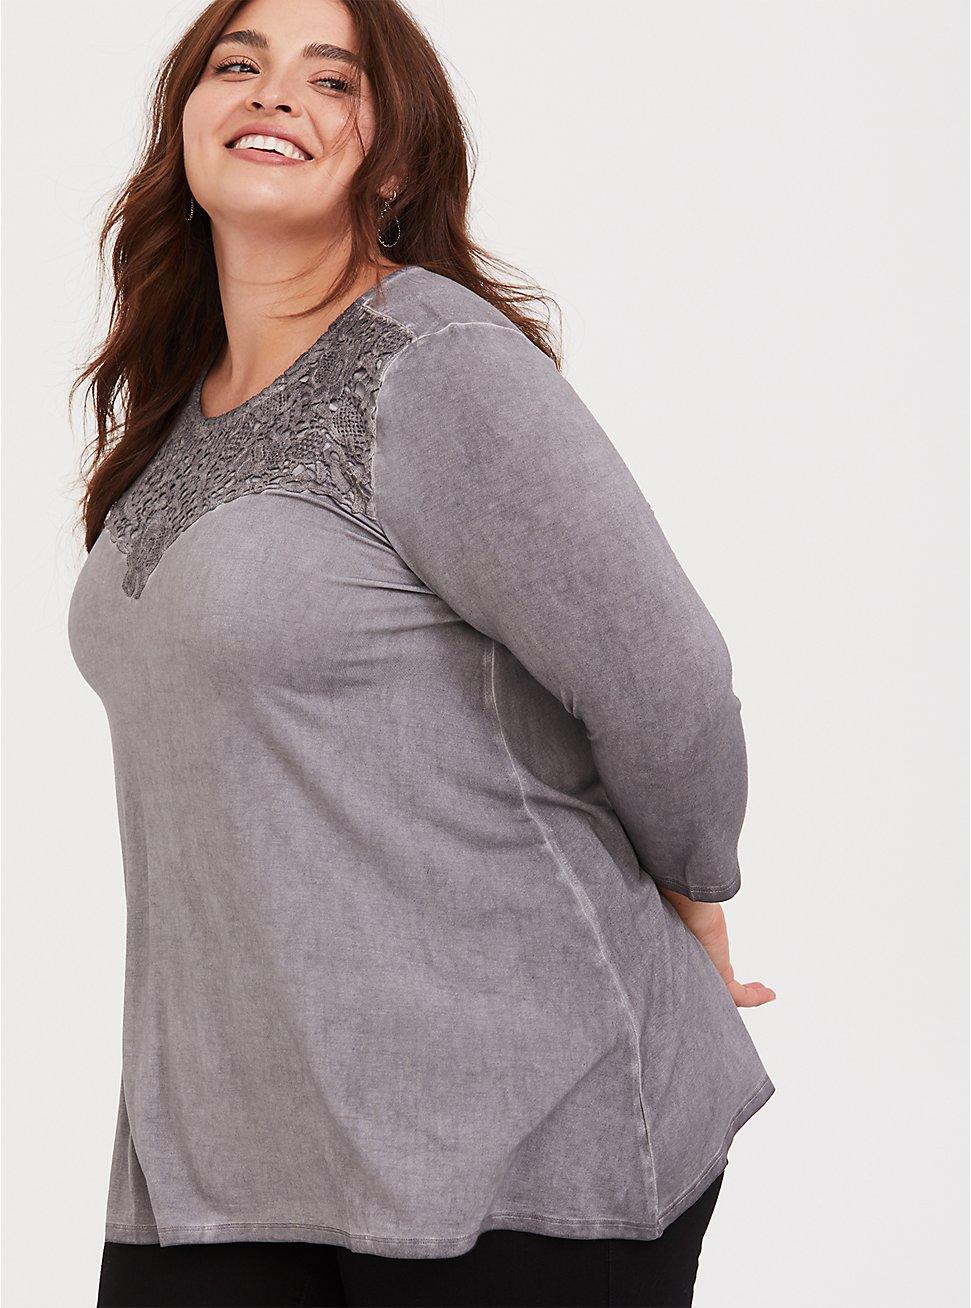 Super Soft Grey Crochet Sharkbite Top, , hi-res